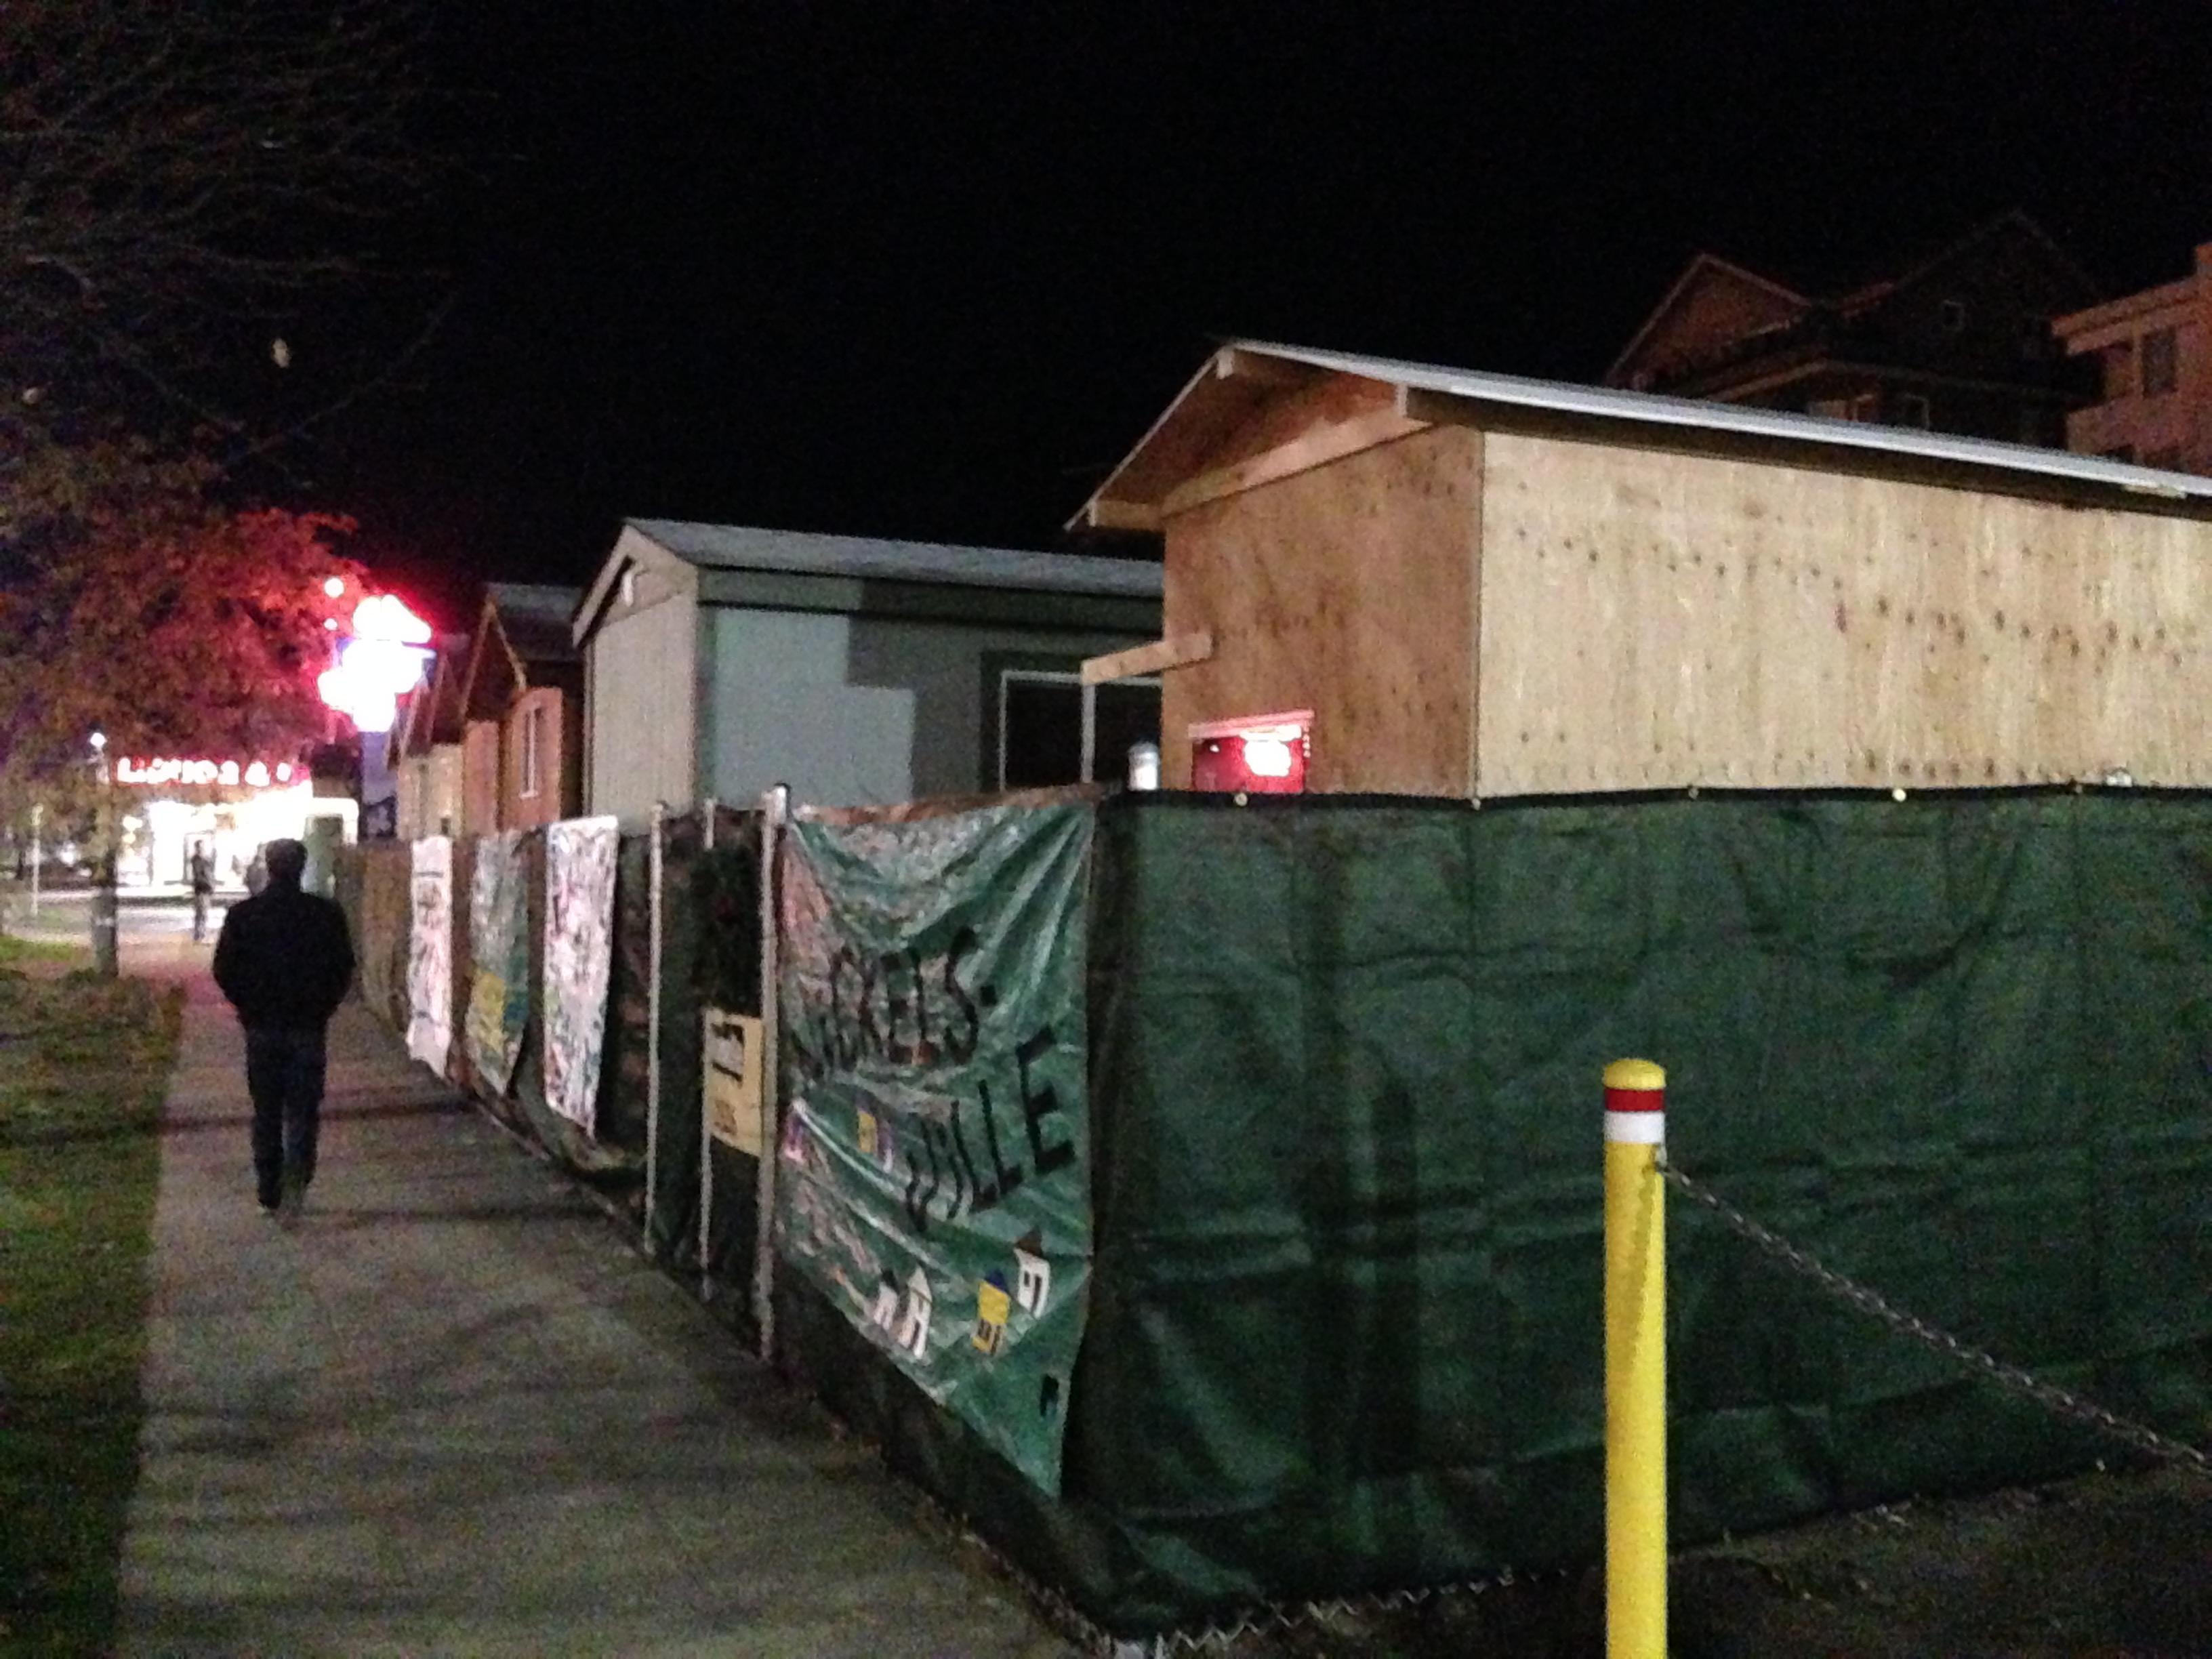 De hemlösas hem: Nickelsville